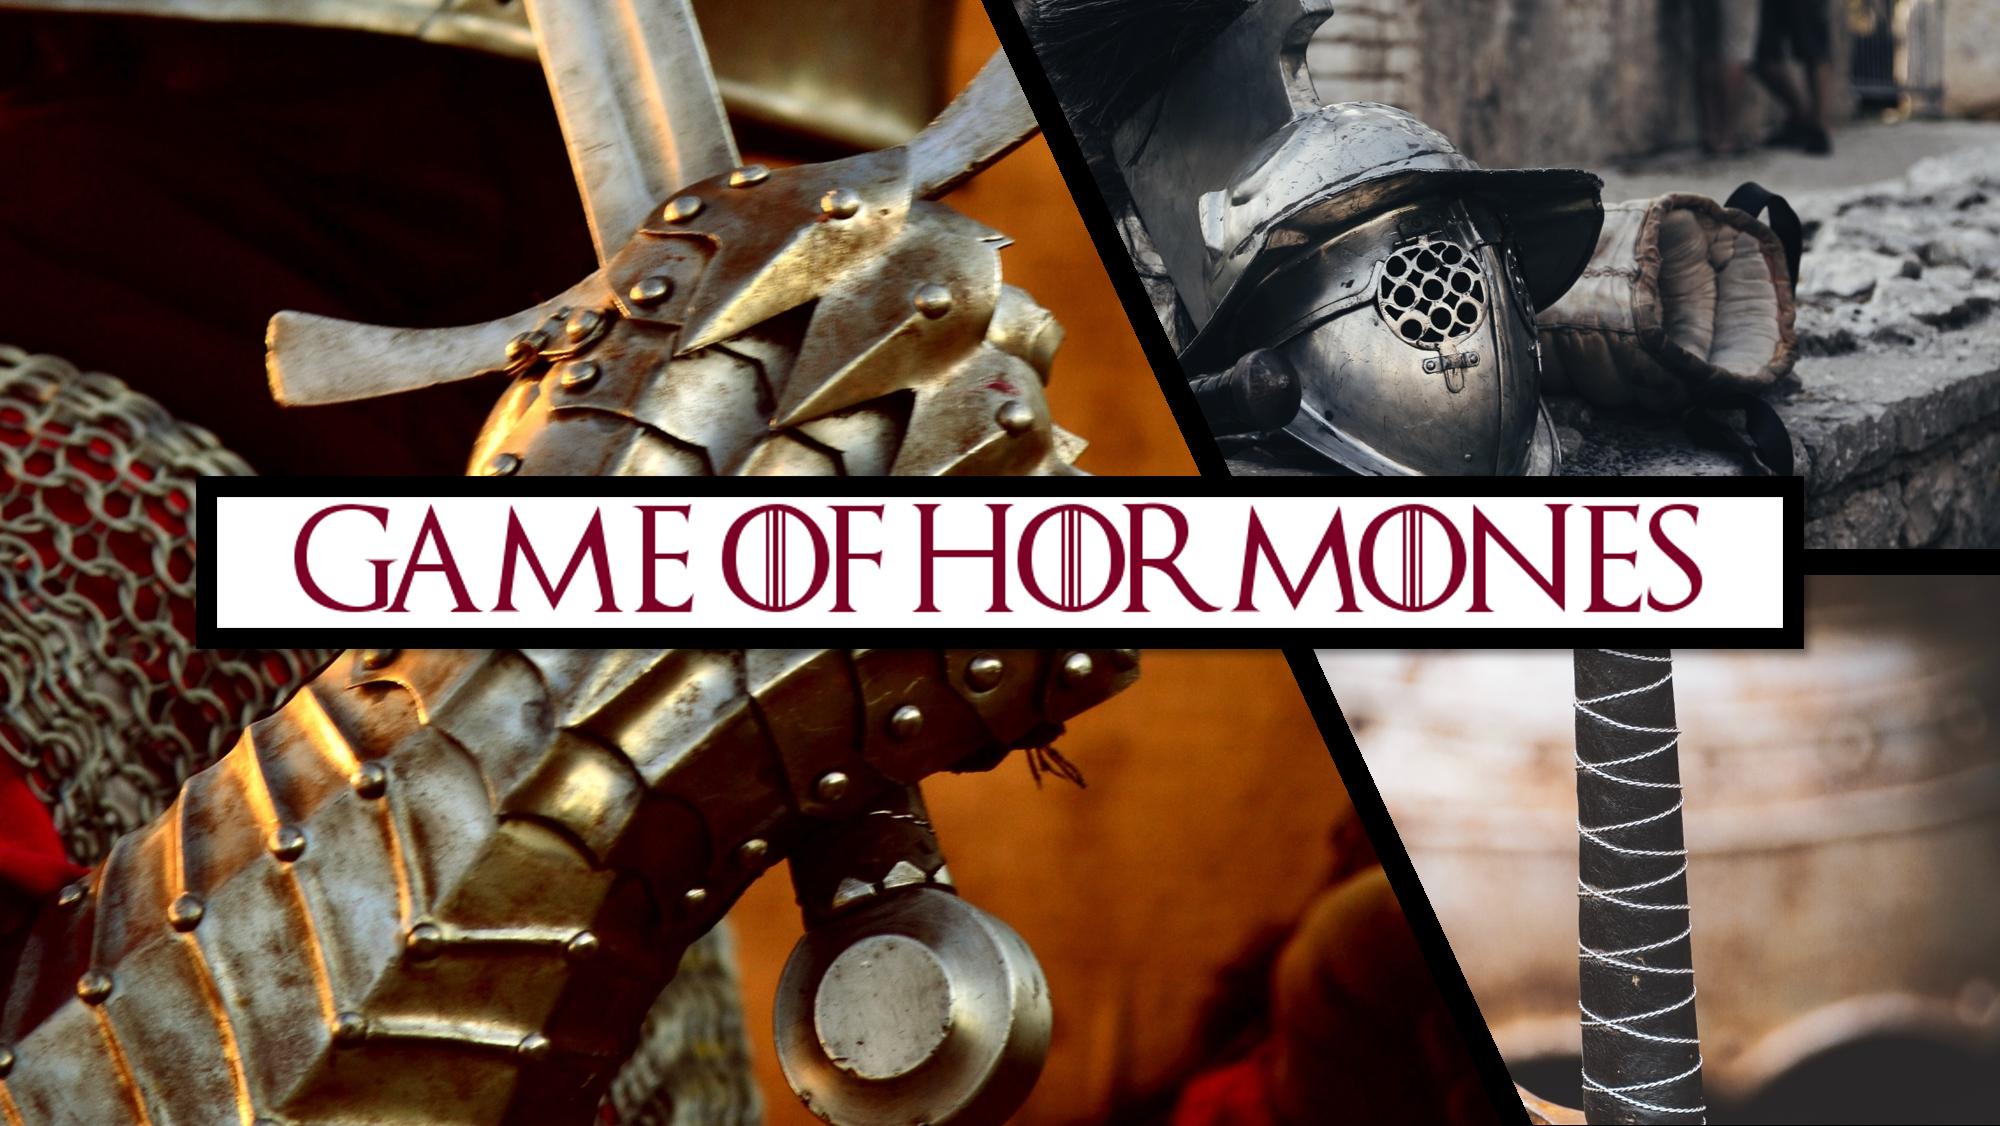 Game of Hormones (ep 1): La guerre des hormones est là